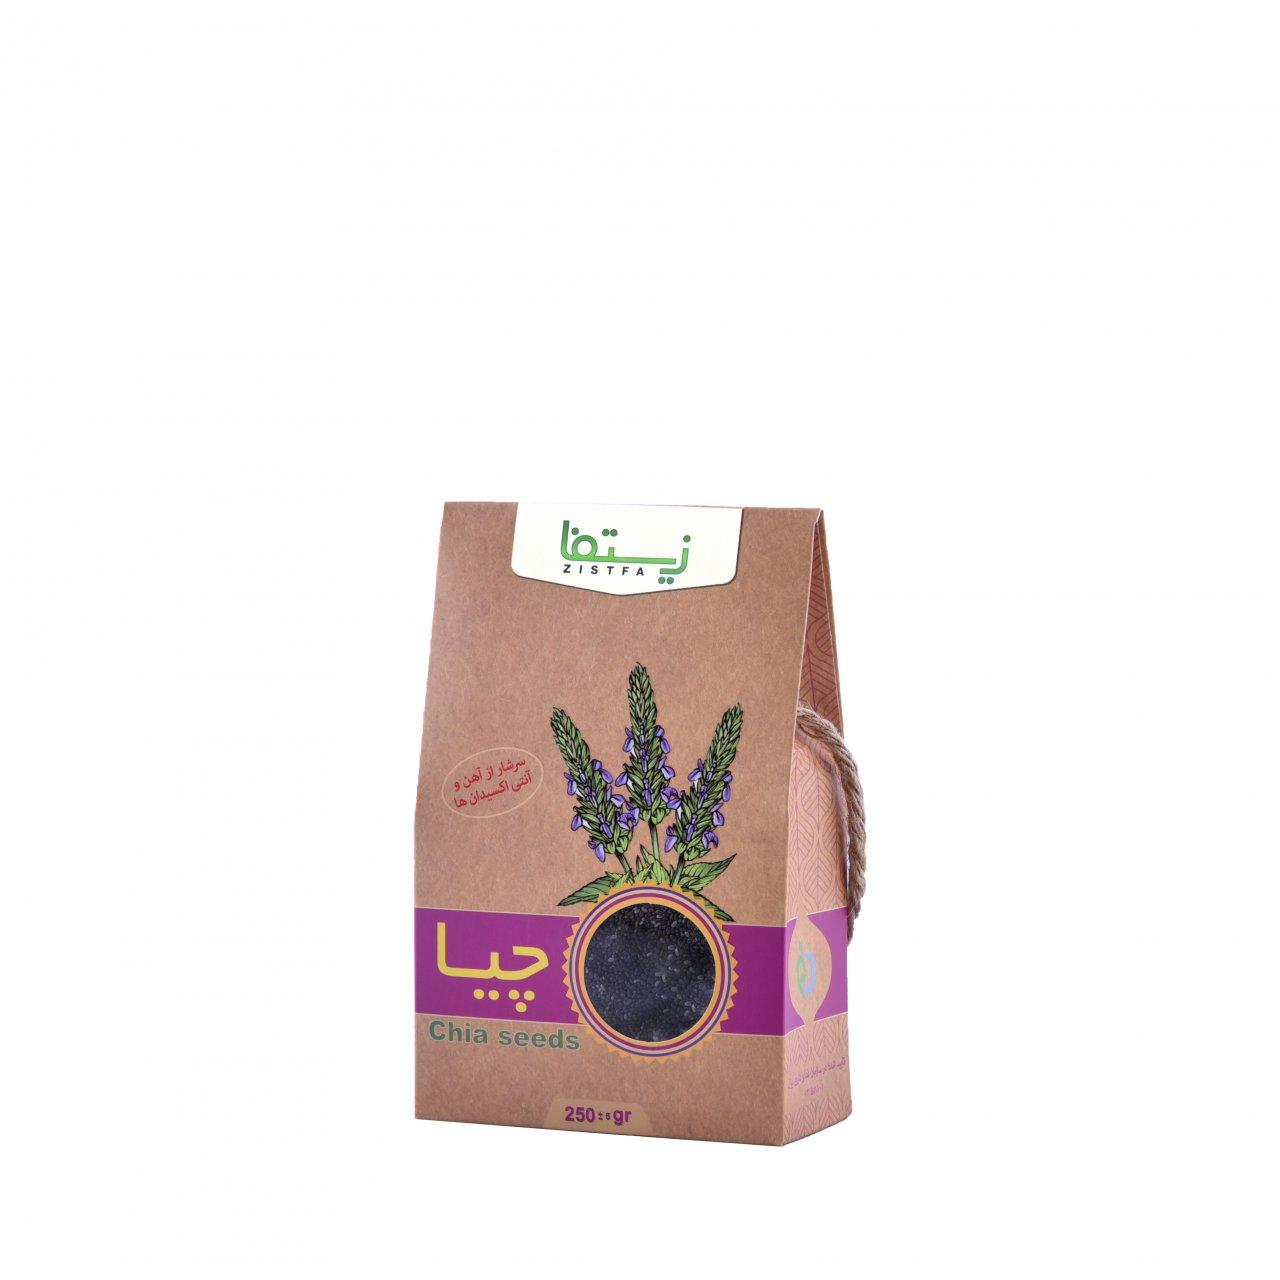 دانه چیا زیستفا جعبه 250 گرم